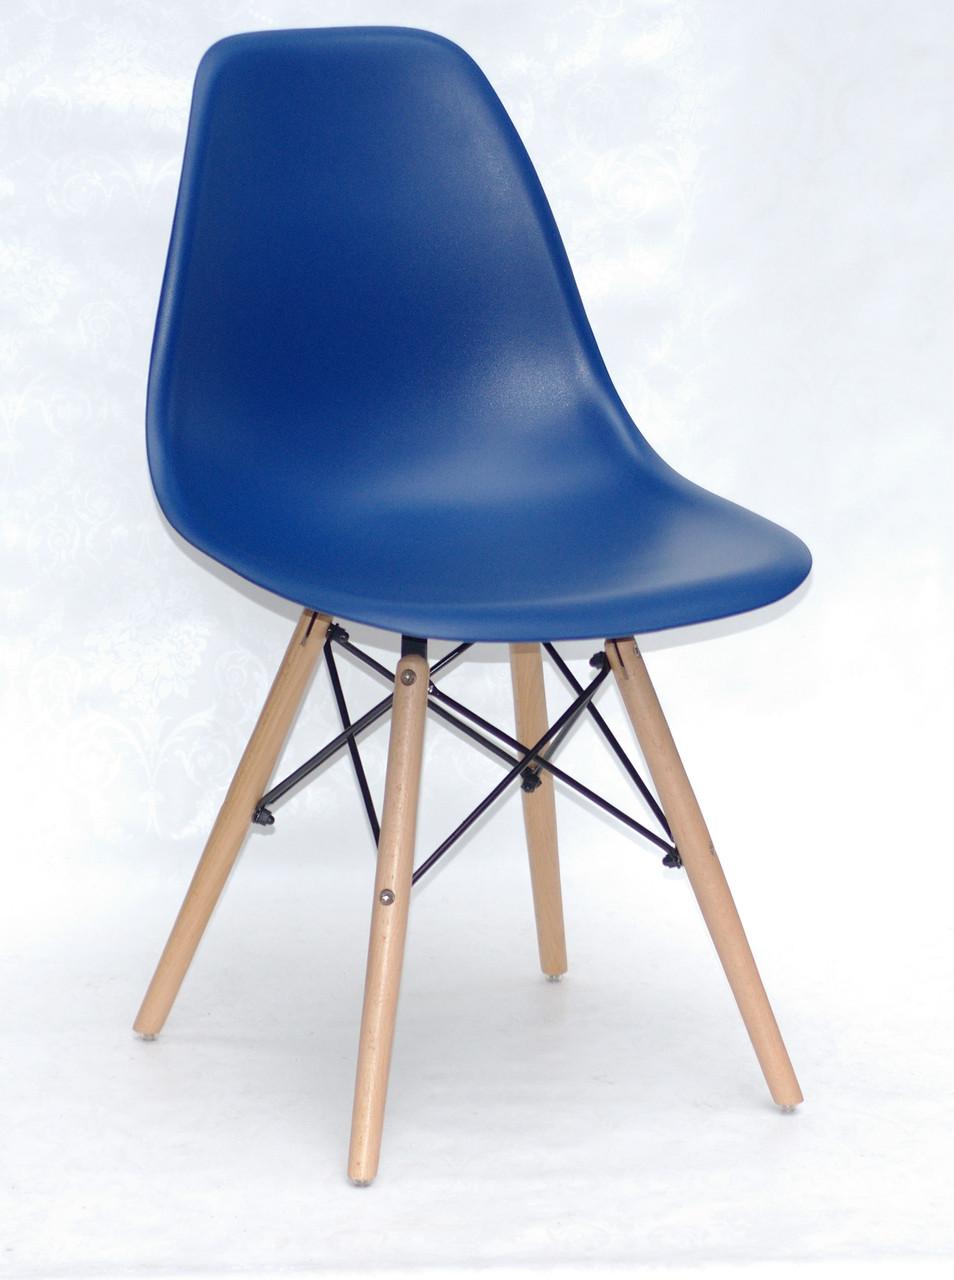 Синий стул пластиковое сиденье на деревянных ножках в современном стиле Nik для баров, кафе, ресторанов